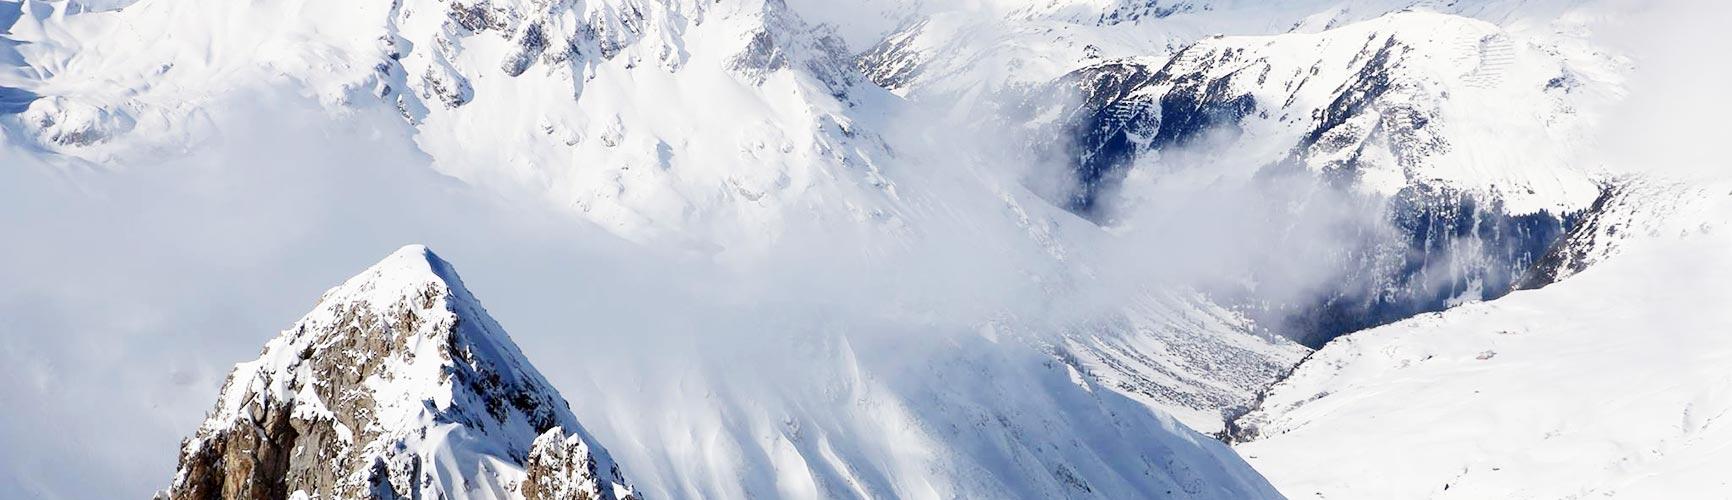 Für Anfänger und Sportliche Schifahrer | Bergland Appartements in Lech am Arlberg | Skiurlaub in der Wiege des alpinen Skisports